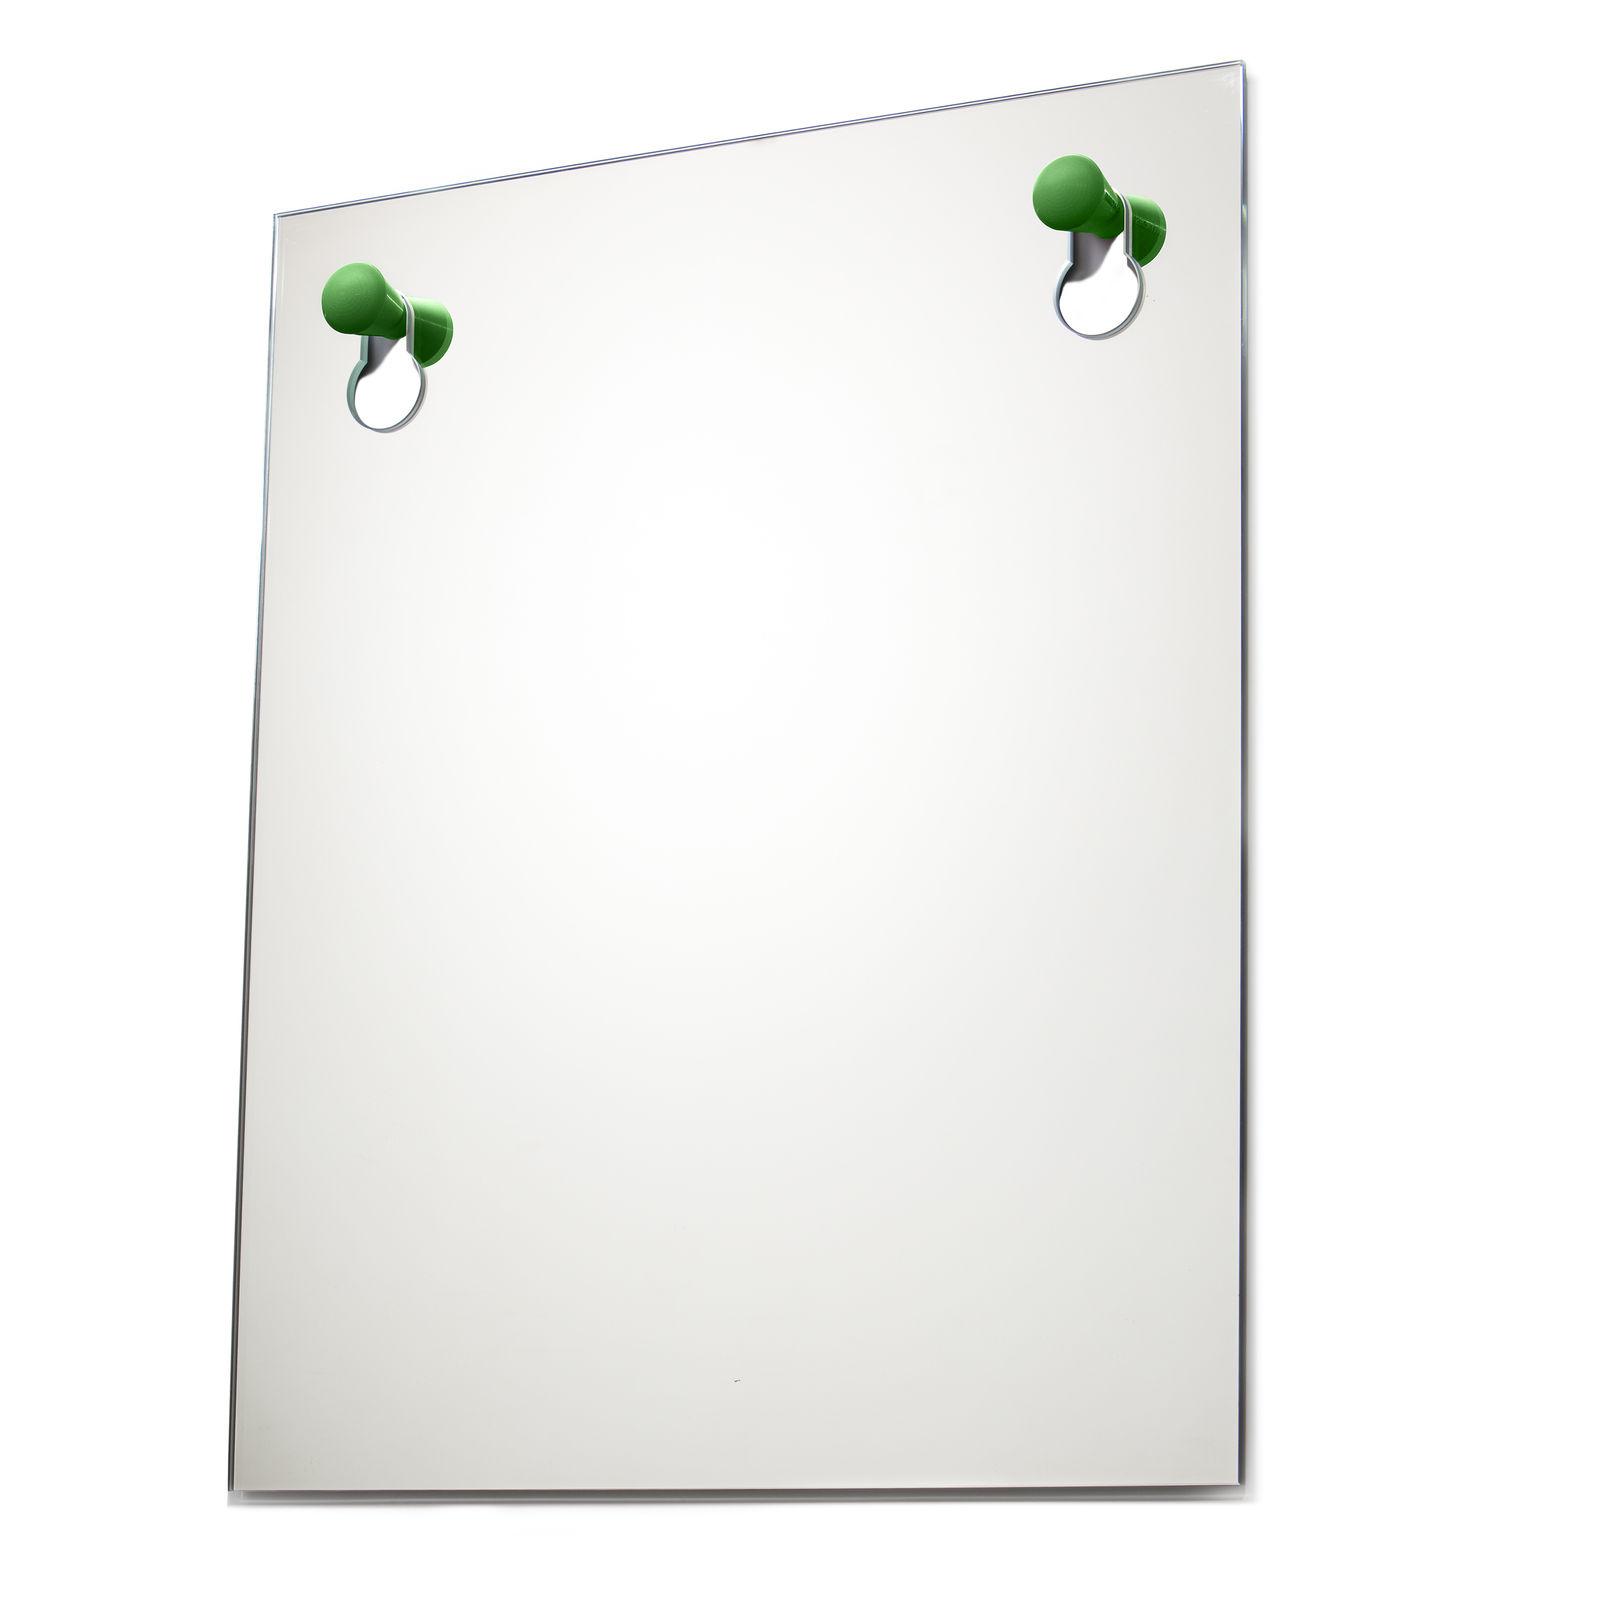 Knobble spiegel Goods groen groot